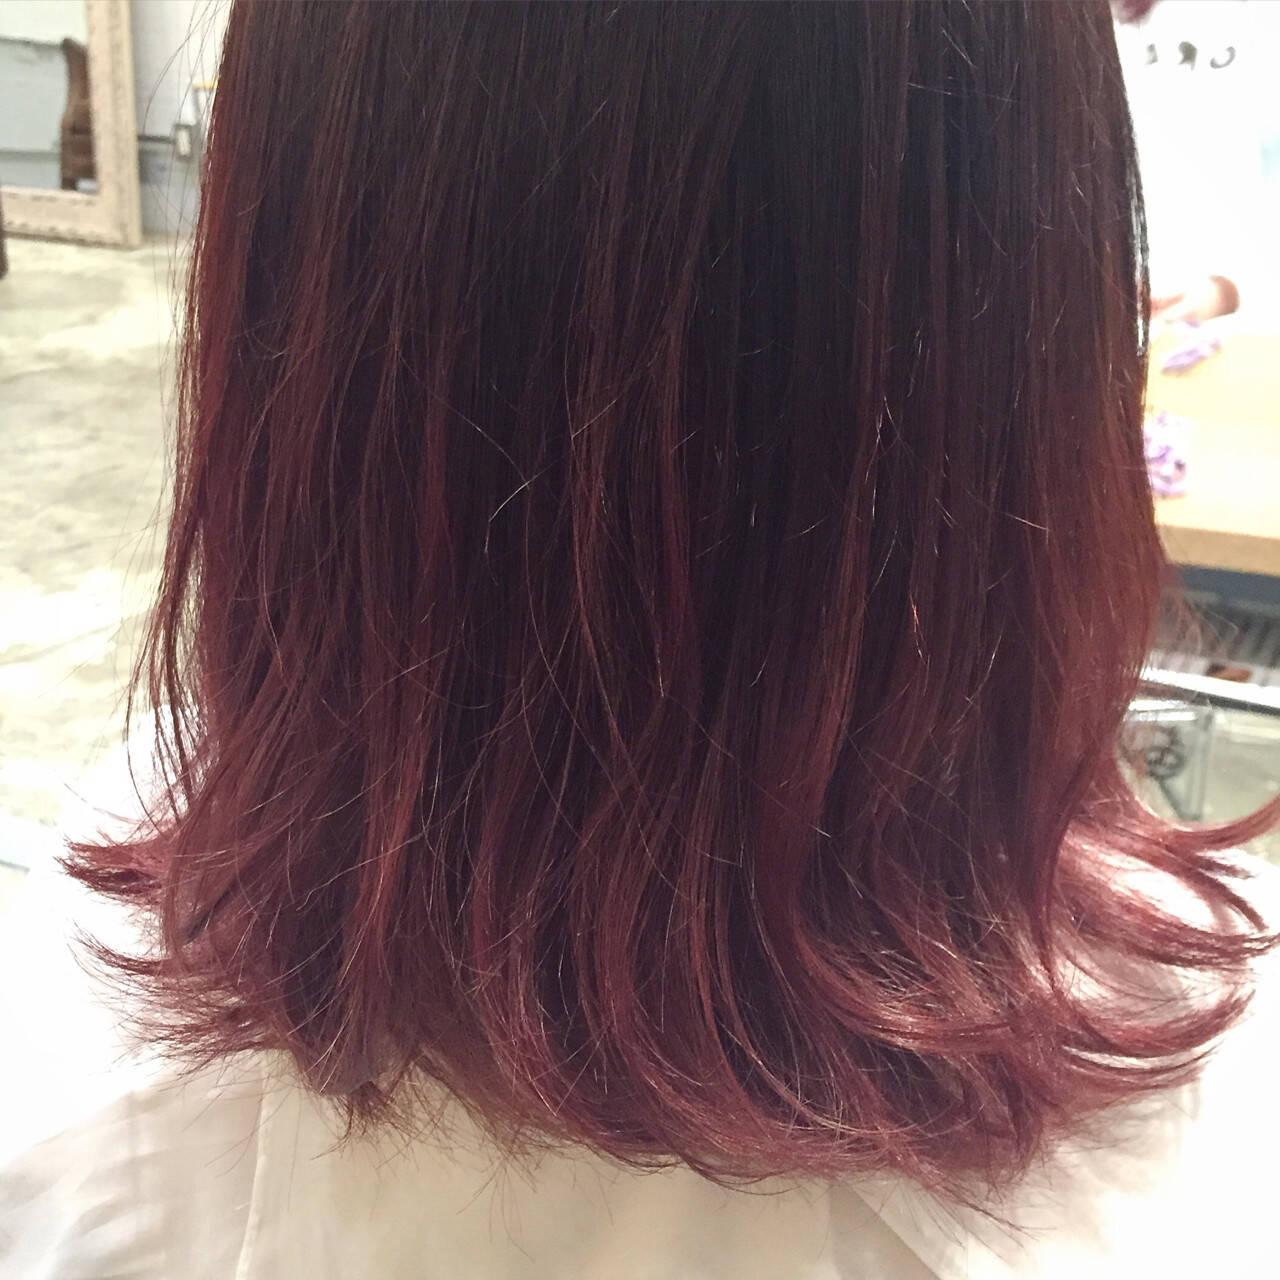 暗髪 外国人風 アッシュ ハイライトヘアスタイルや髪型の写真・画像